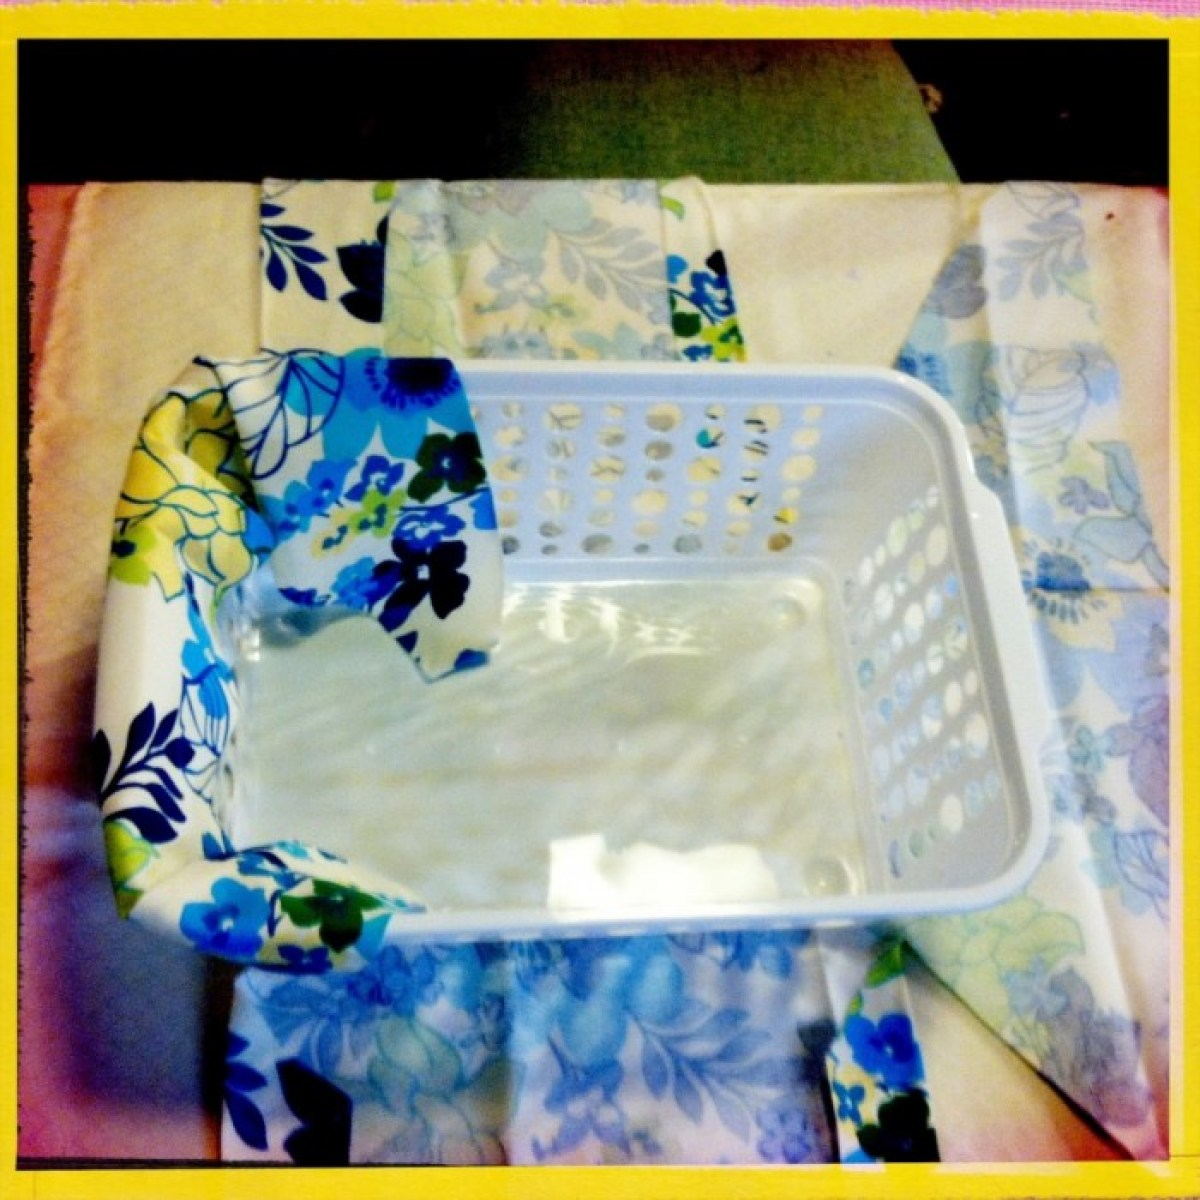 IMG 4050 1 DIY แปลงโฉมตะกร้าพลาสติก เป็นตะกร้าผ้าสุดสวย